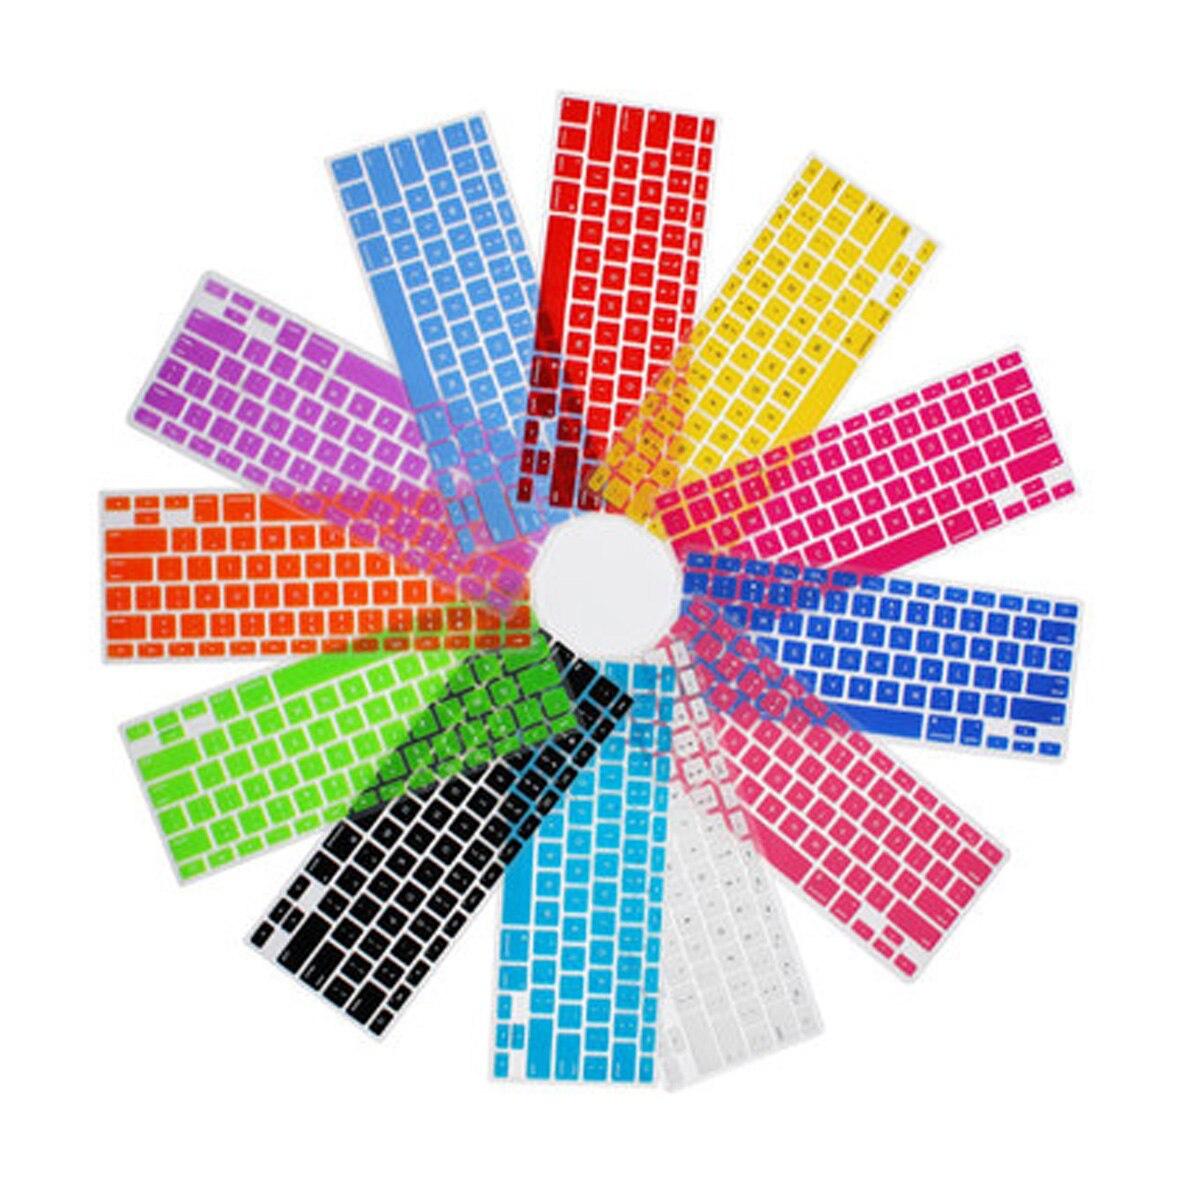 """Envío Gratis Jpan tipo japonés colorido silicona pegatina teclado cubierta piel protección para Mac 12 """"Macbook/12 macbook/macbook12"""